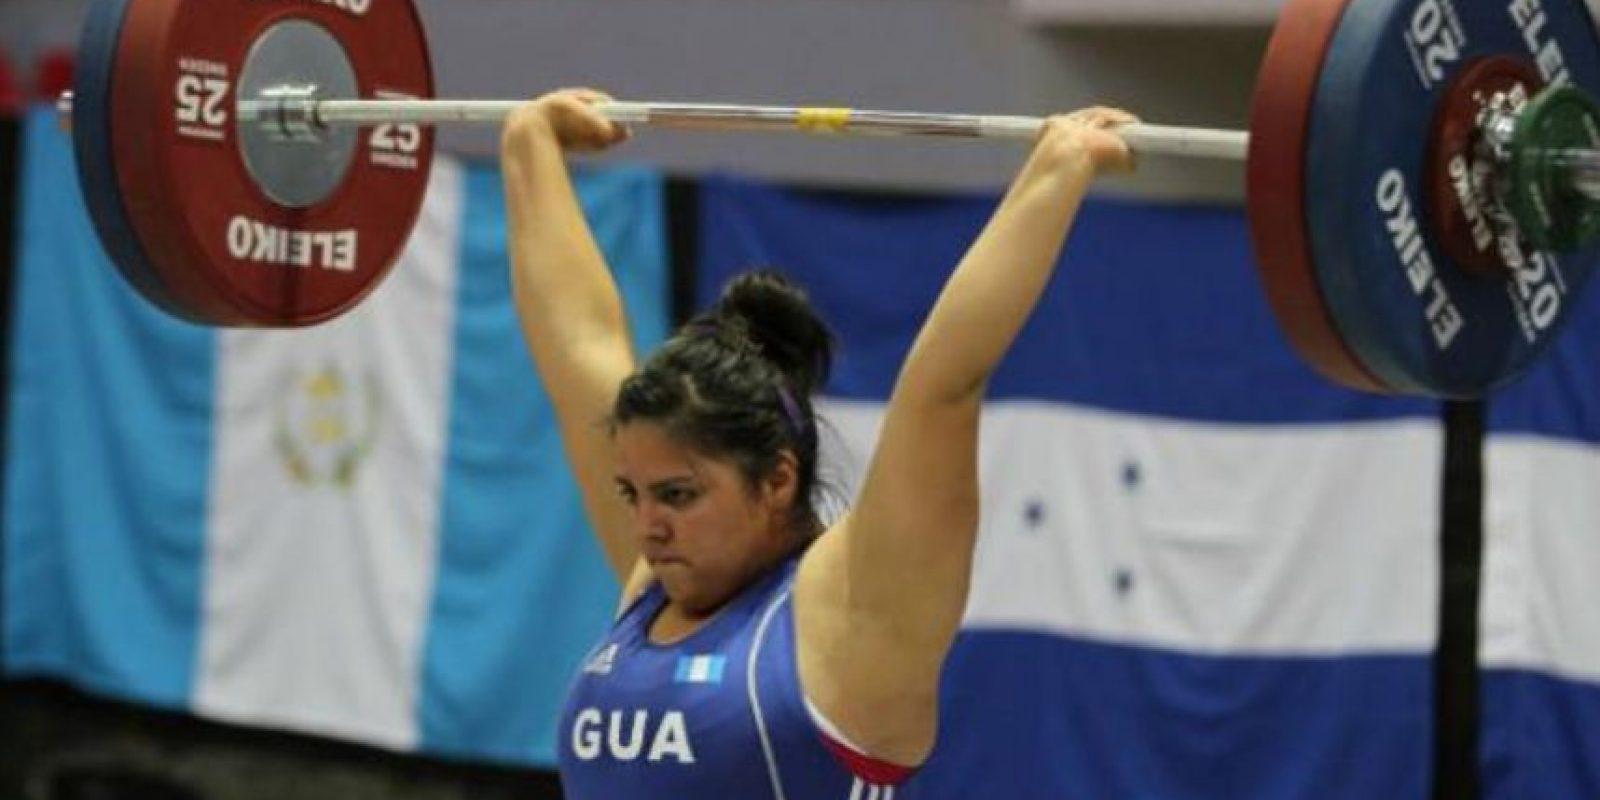 La pesista guatemalteca fue retirada por su delegación antes de que compitiera en los Panamericanos Foto:Vía toronto2015.org